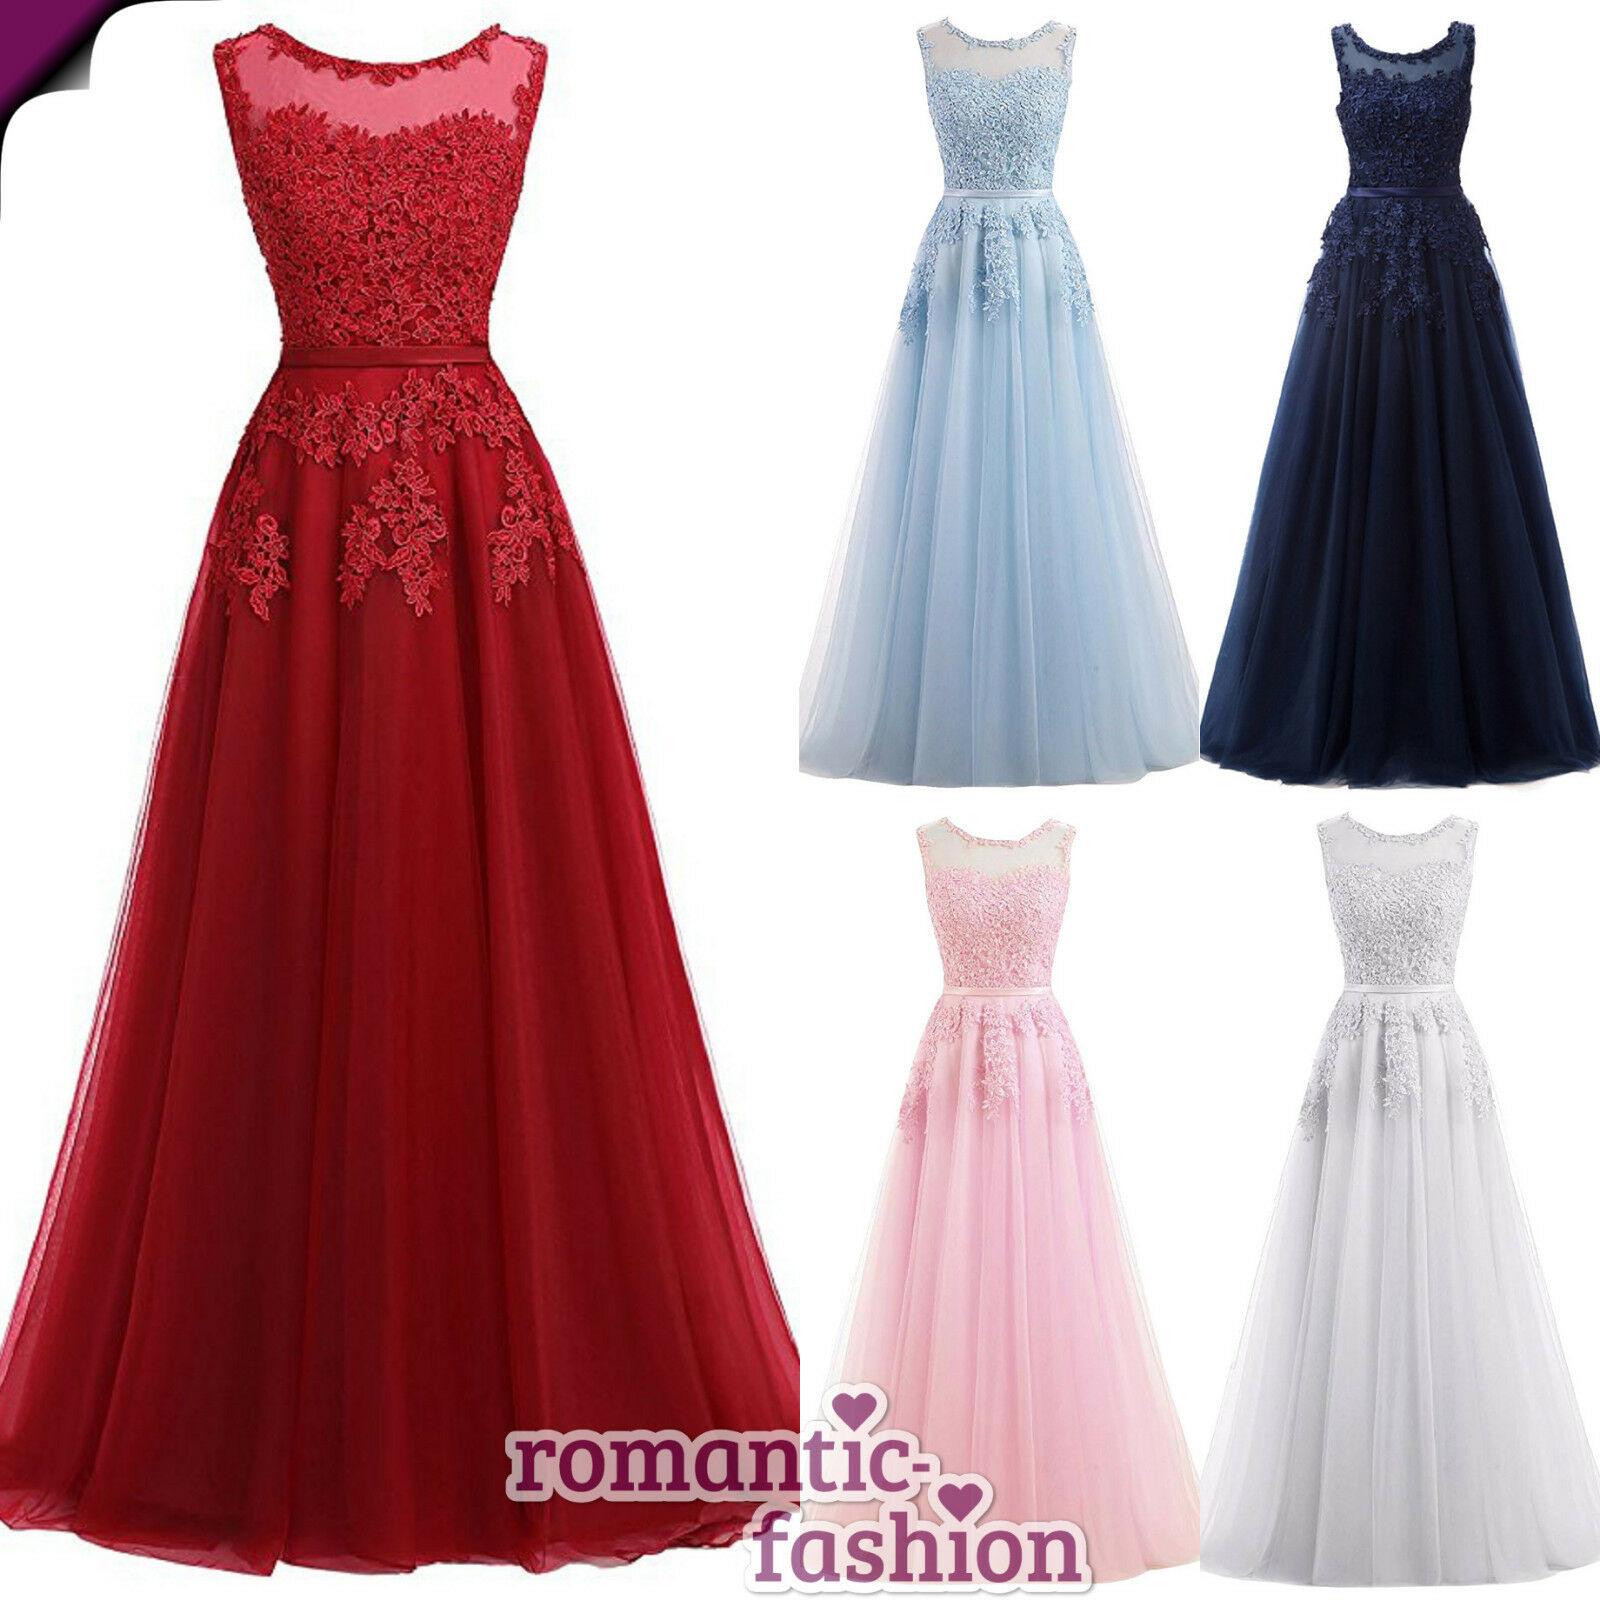 17 Erstaunlich Abendkleid 46 BoutiqueFormal Luxurius Abendkleid 46 Stylish